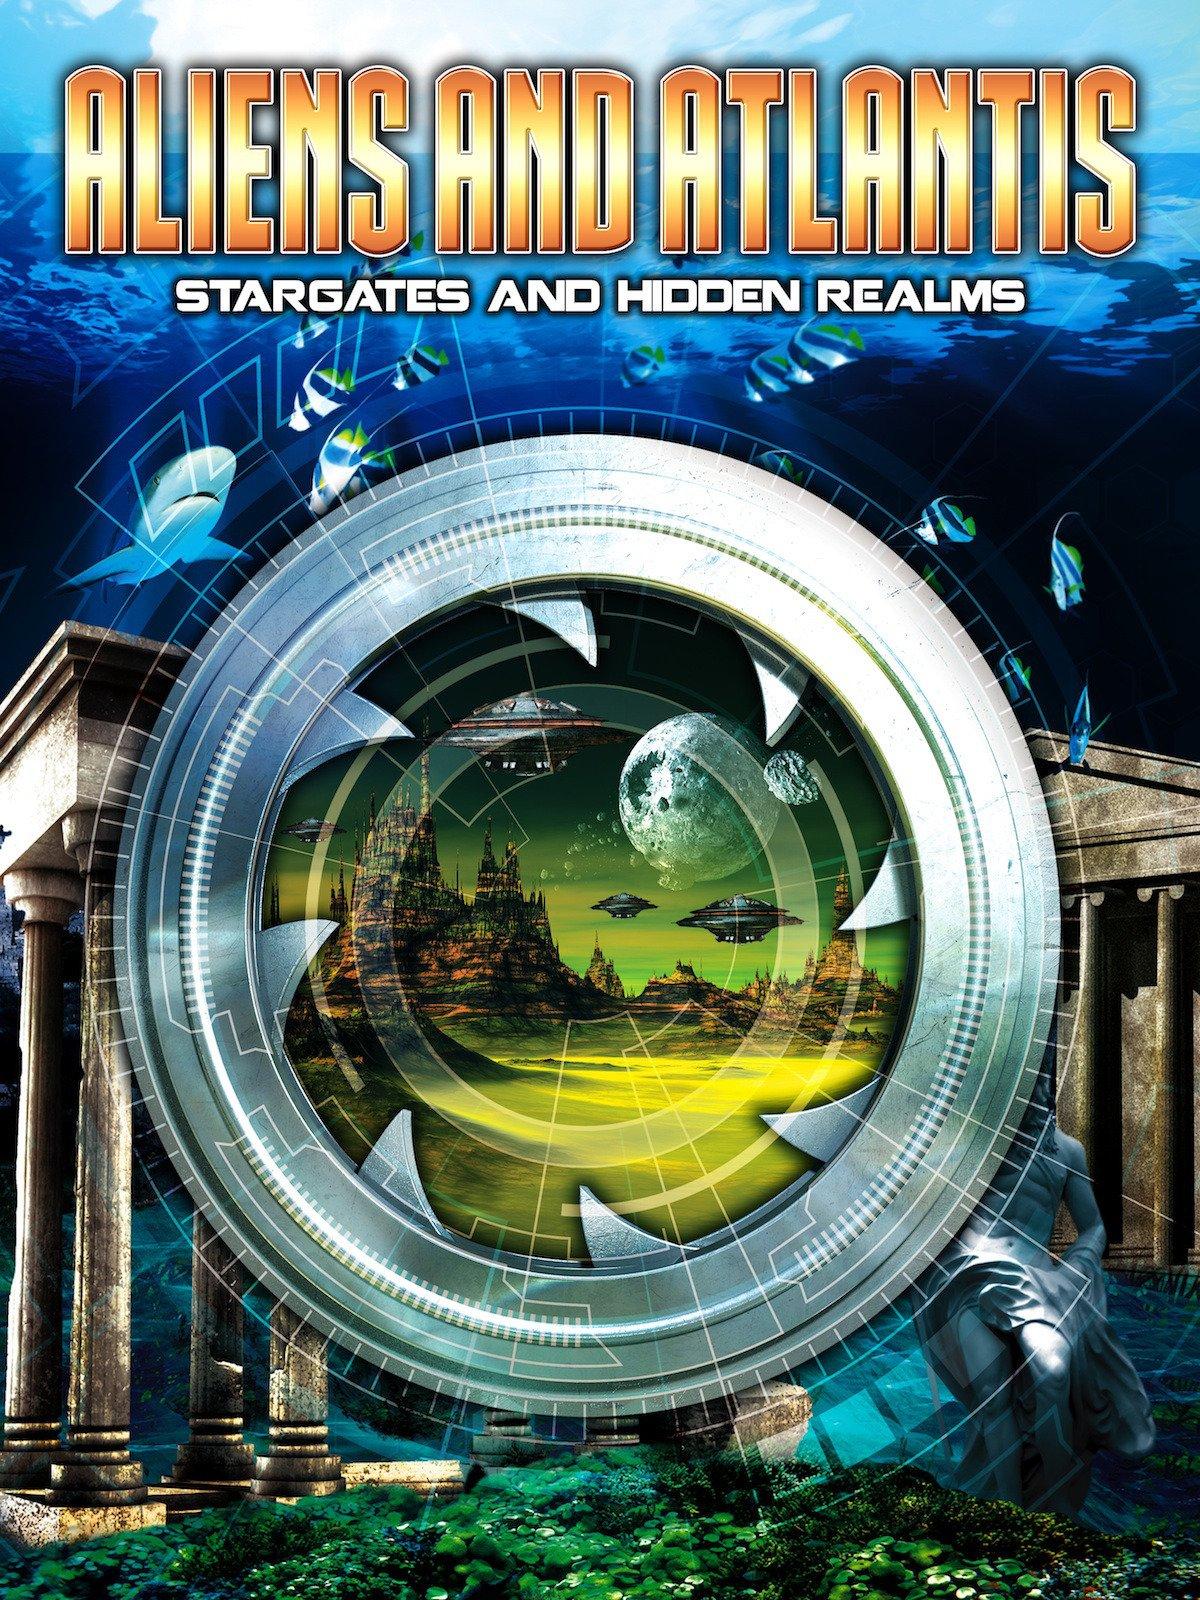 Aliens and Atlantis